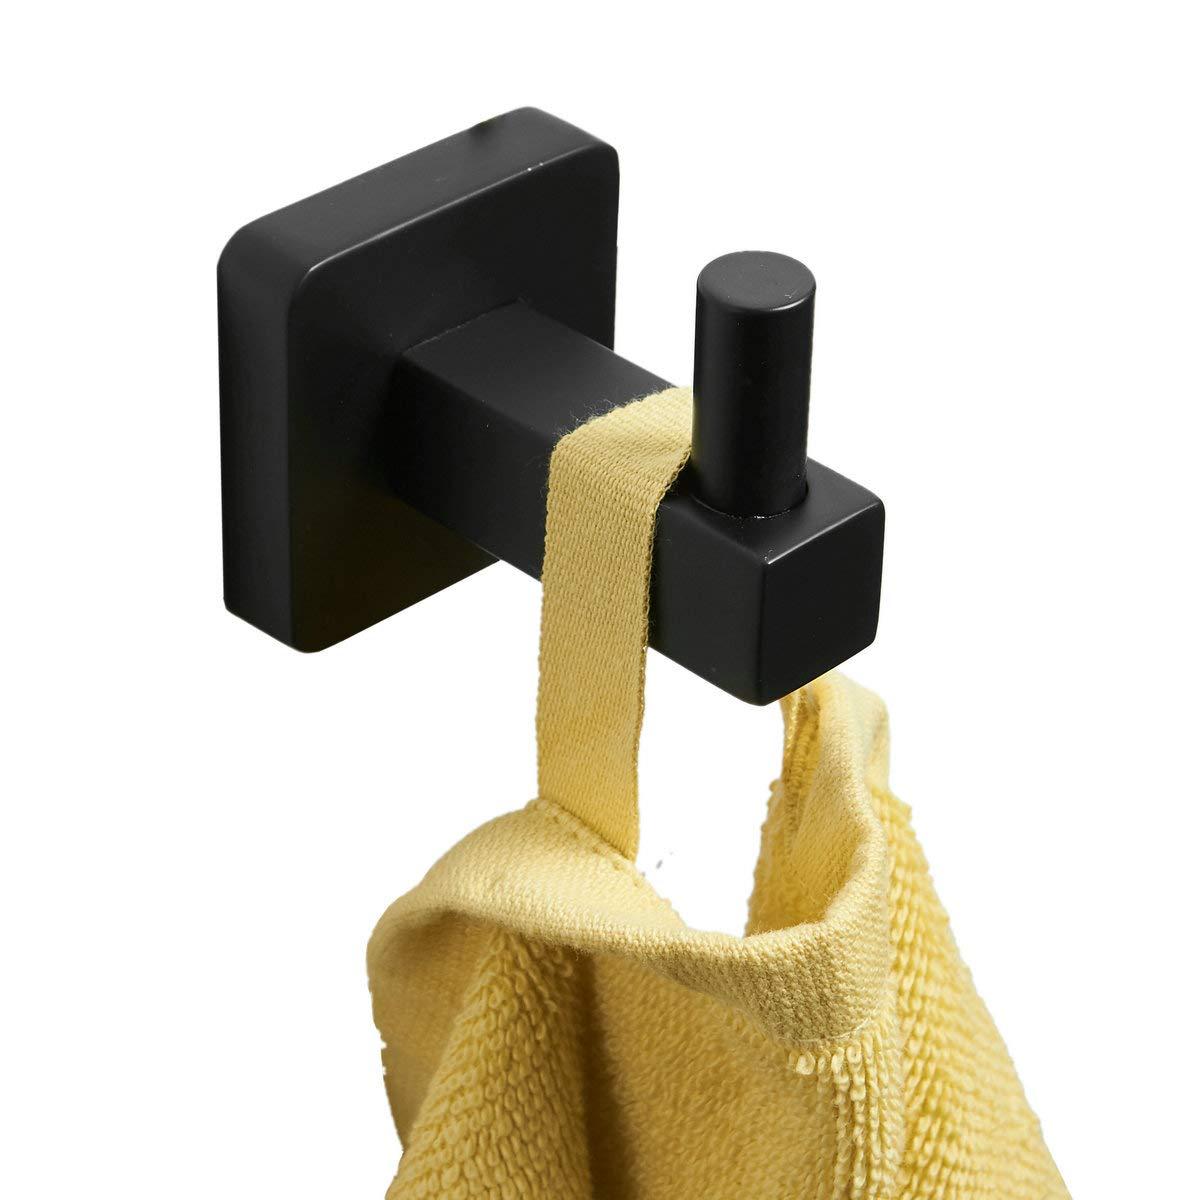 Gancho para toalla de baño 4 piezas de acero inoxidable negro pintura accesorios cocina robot percha leekayer